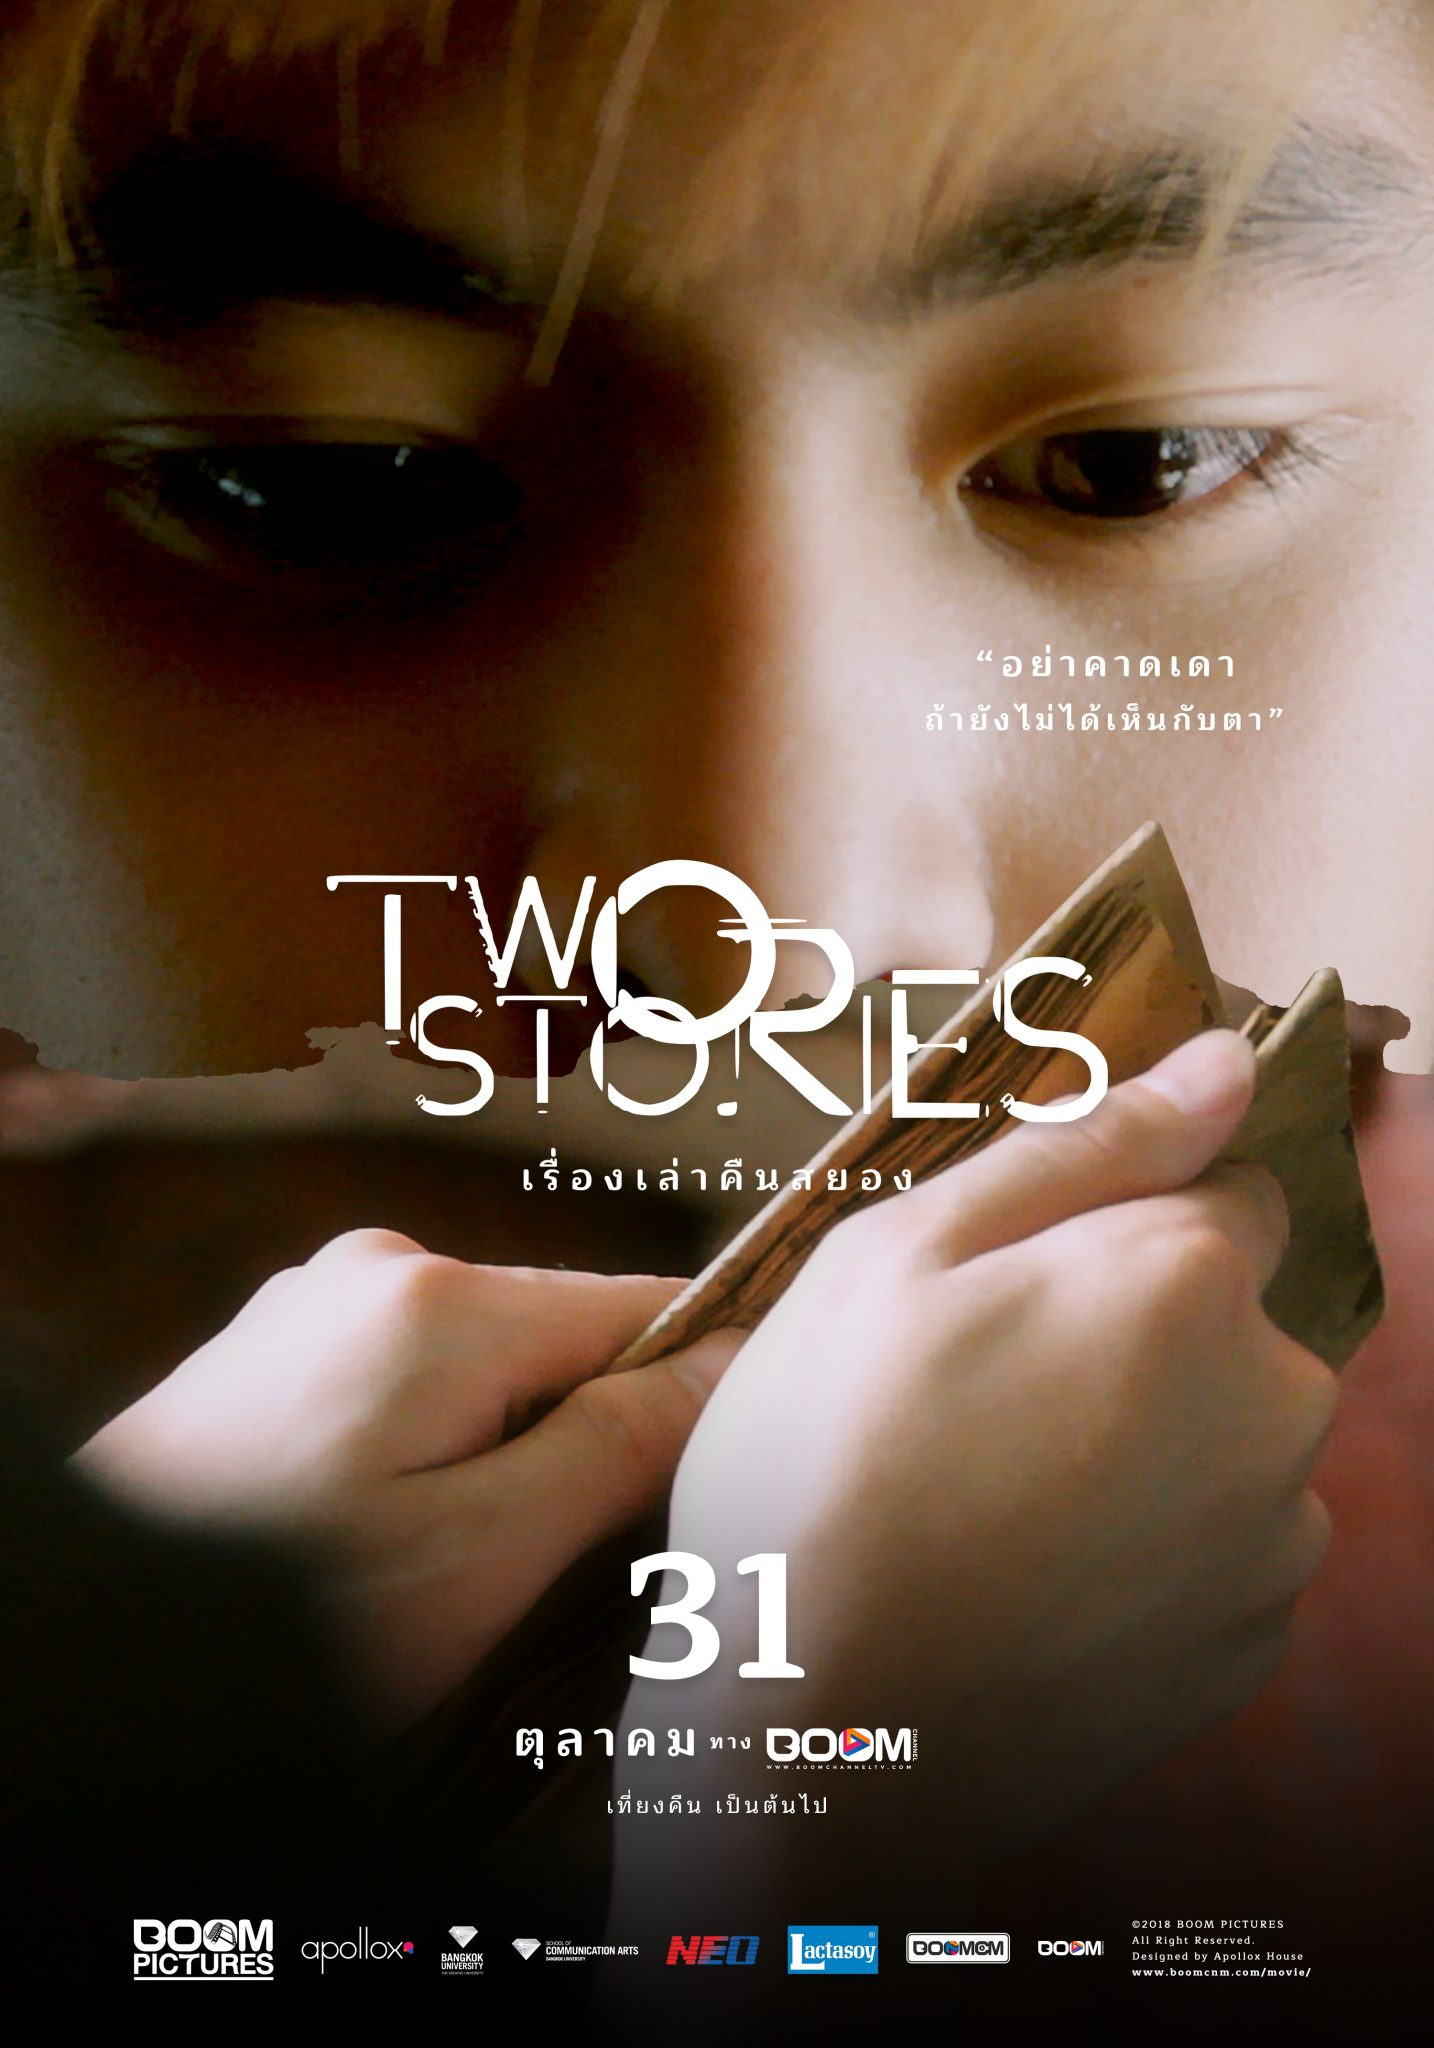 """ระทึกขวัญเรื่องล่าสุดจาก """"บูม พิคเจอร์ส"""" ใน TWOSTORIES เรื่องเล่าคืนสยอง 13 -"""